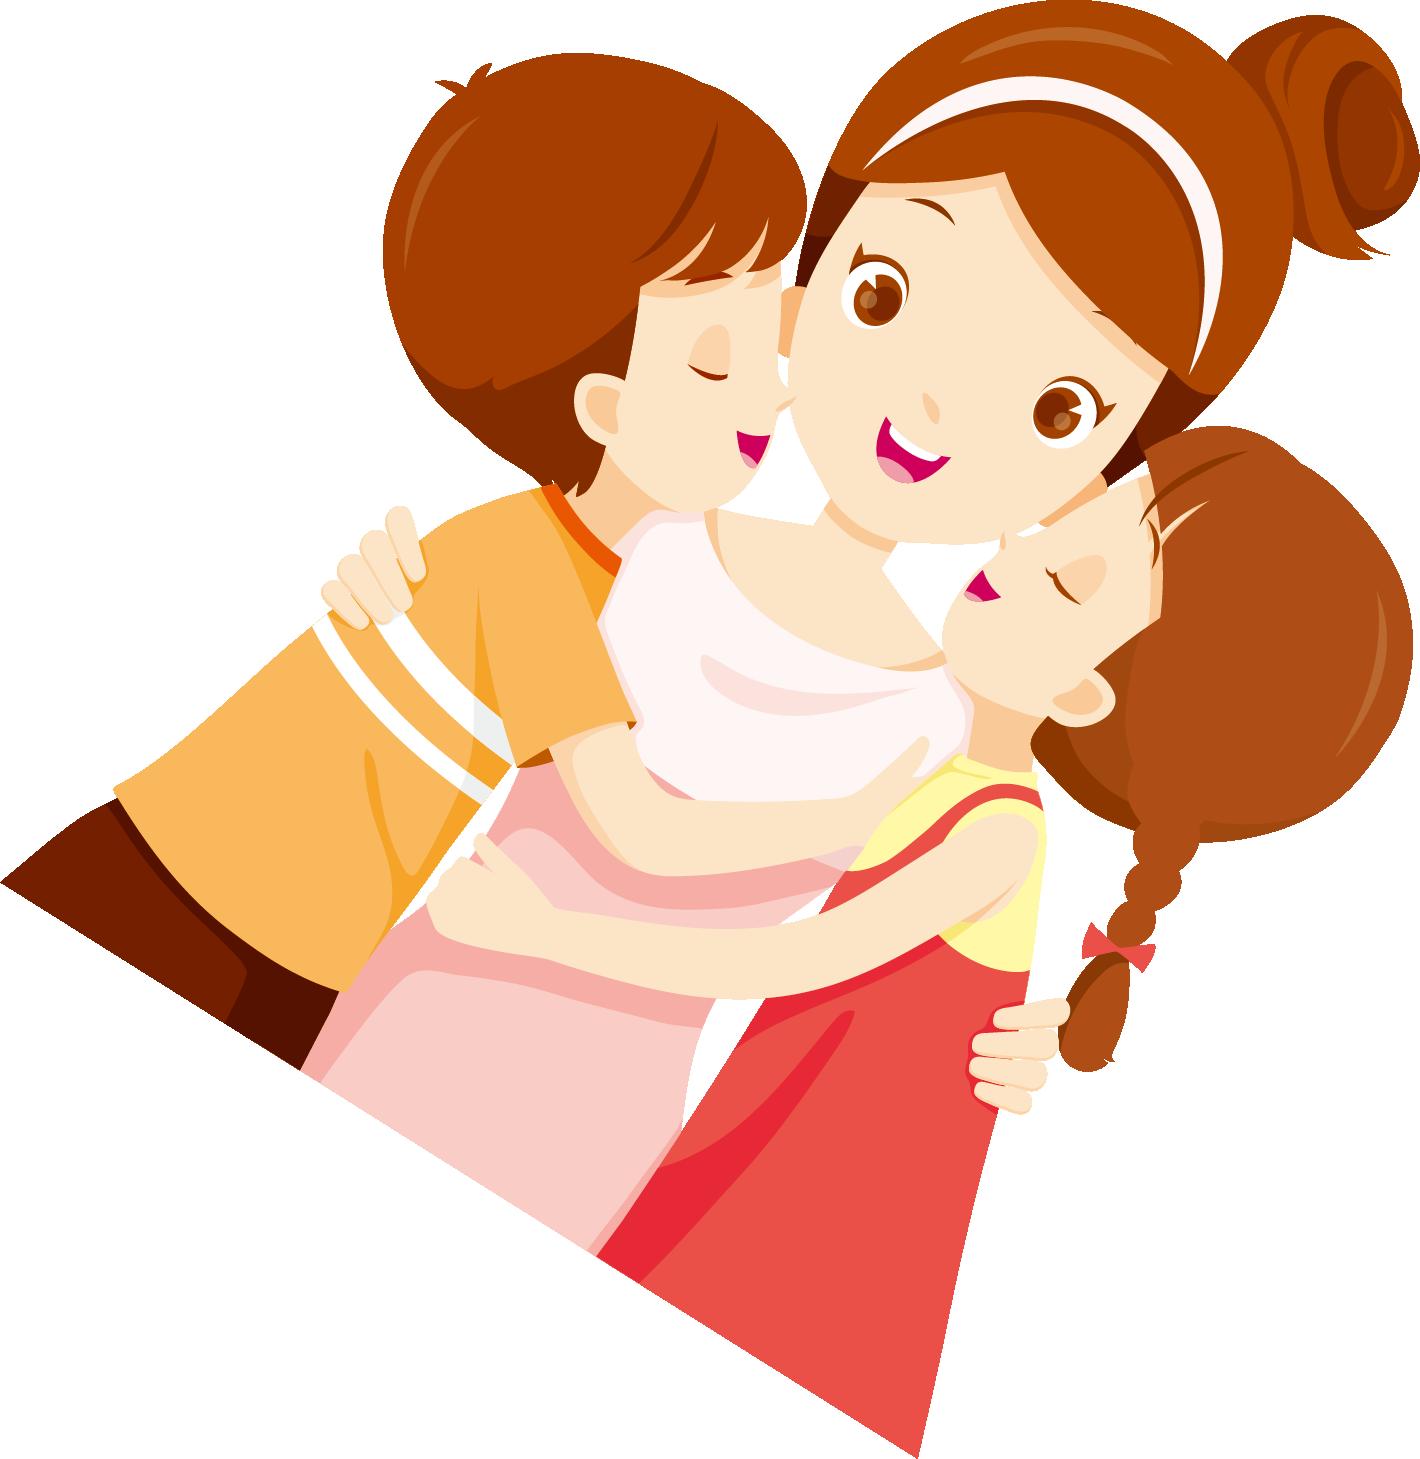 妈妈卡通_母亲节吻妈妈卡通人物_png素材-图趣网(Tuquu)